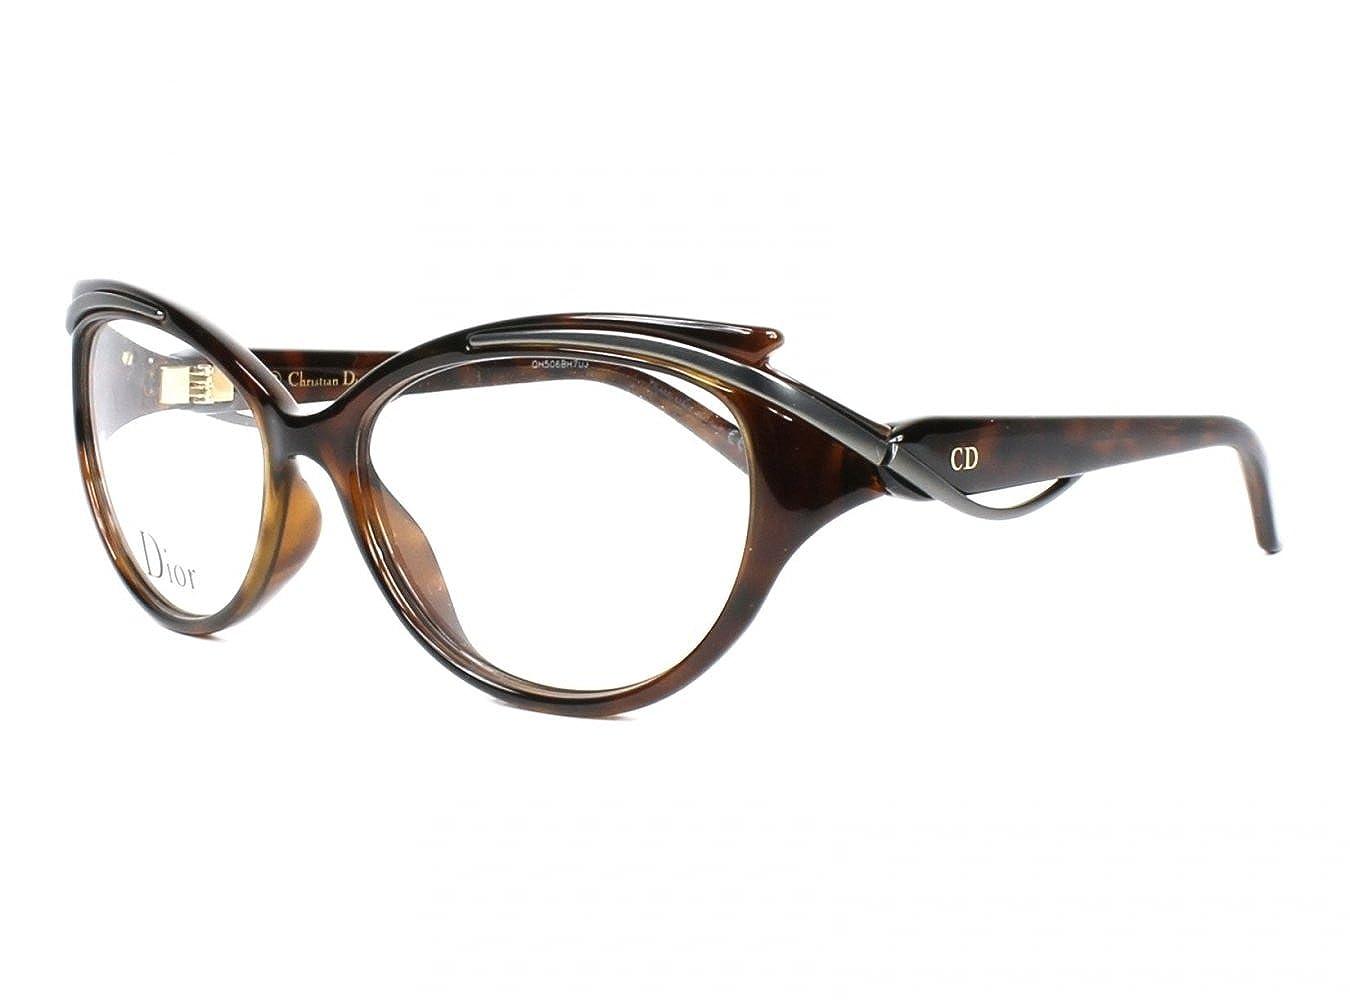 47db2b1259fd Amazon.com  DIOR Eyeglasses 3278 09OJ Havana Ruthenium 54MM  Shoes